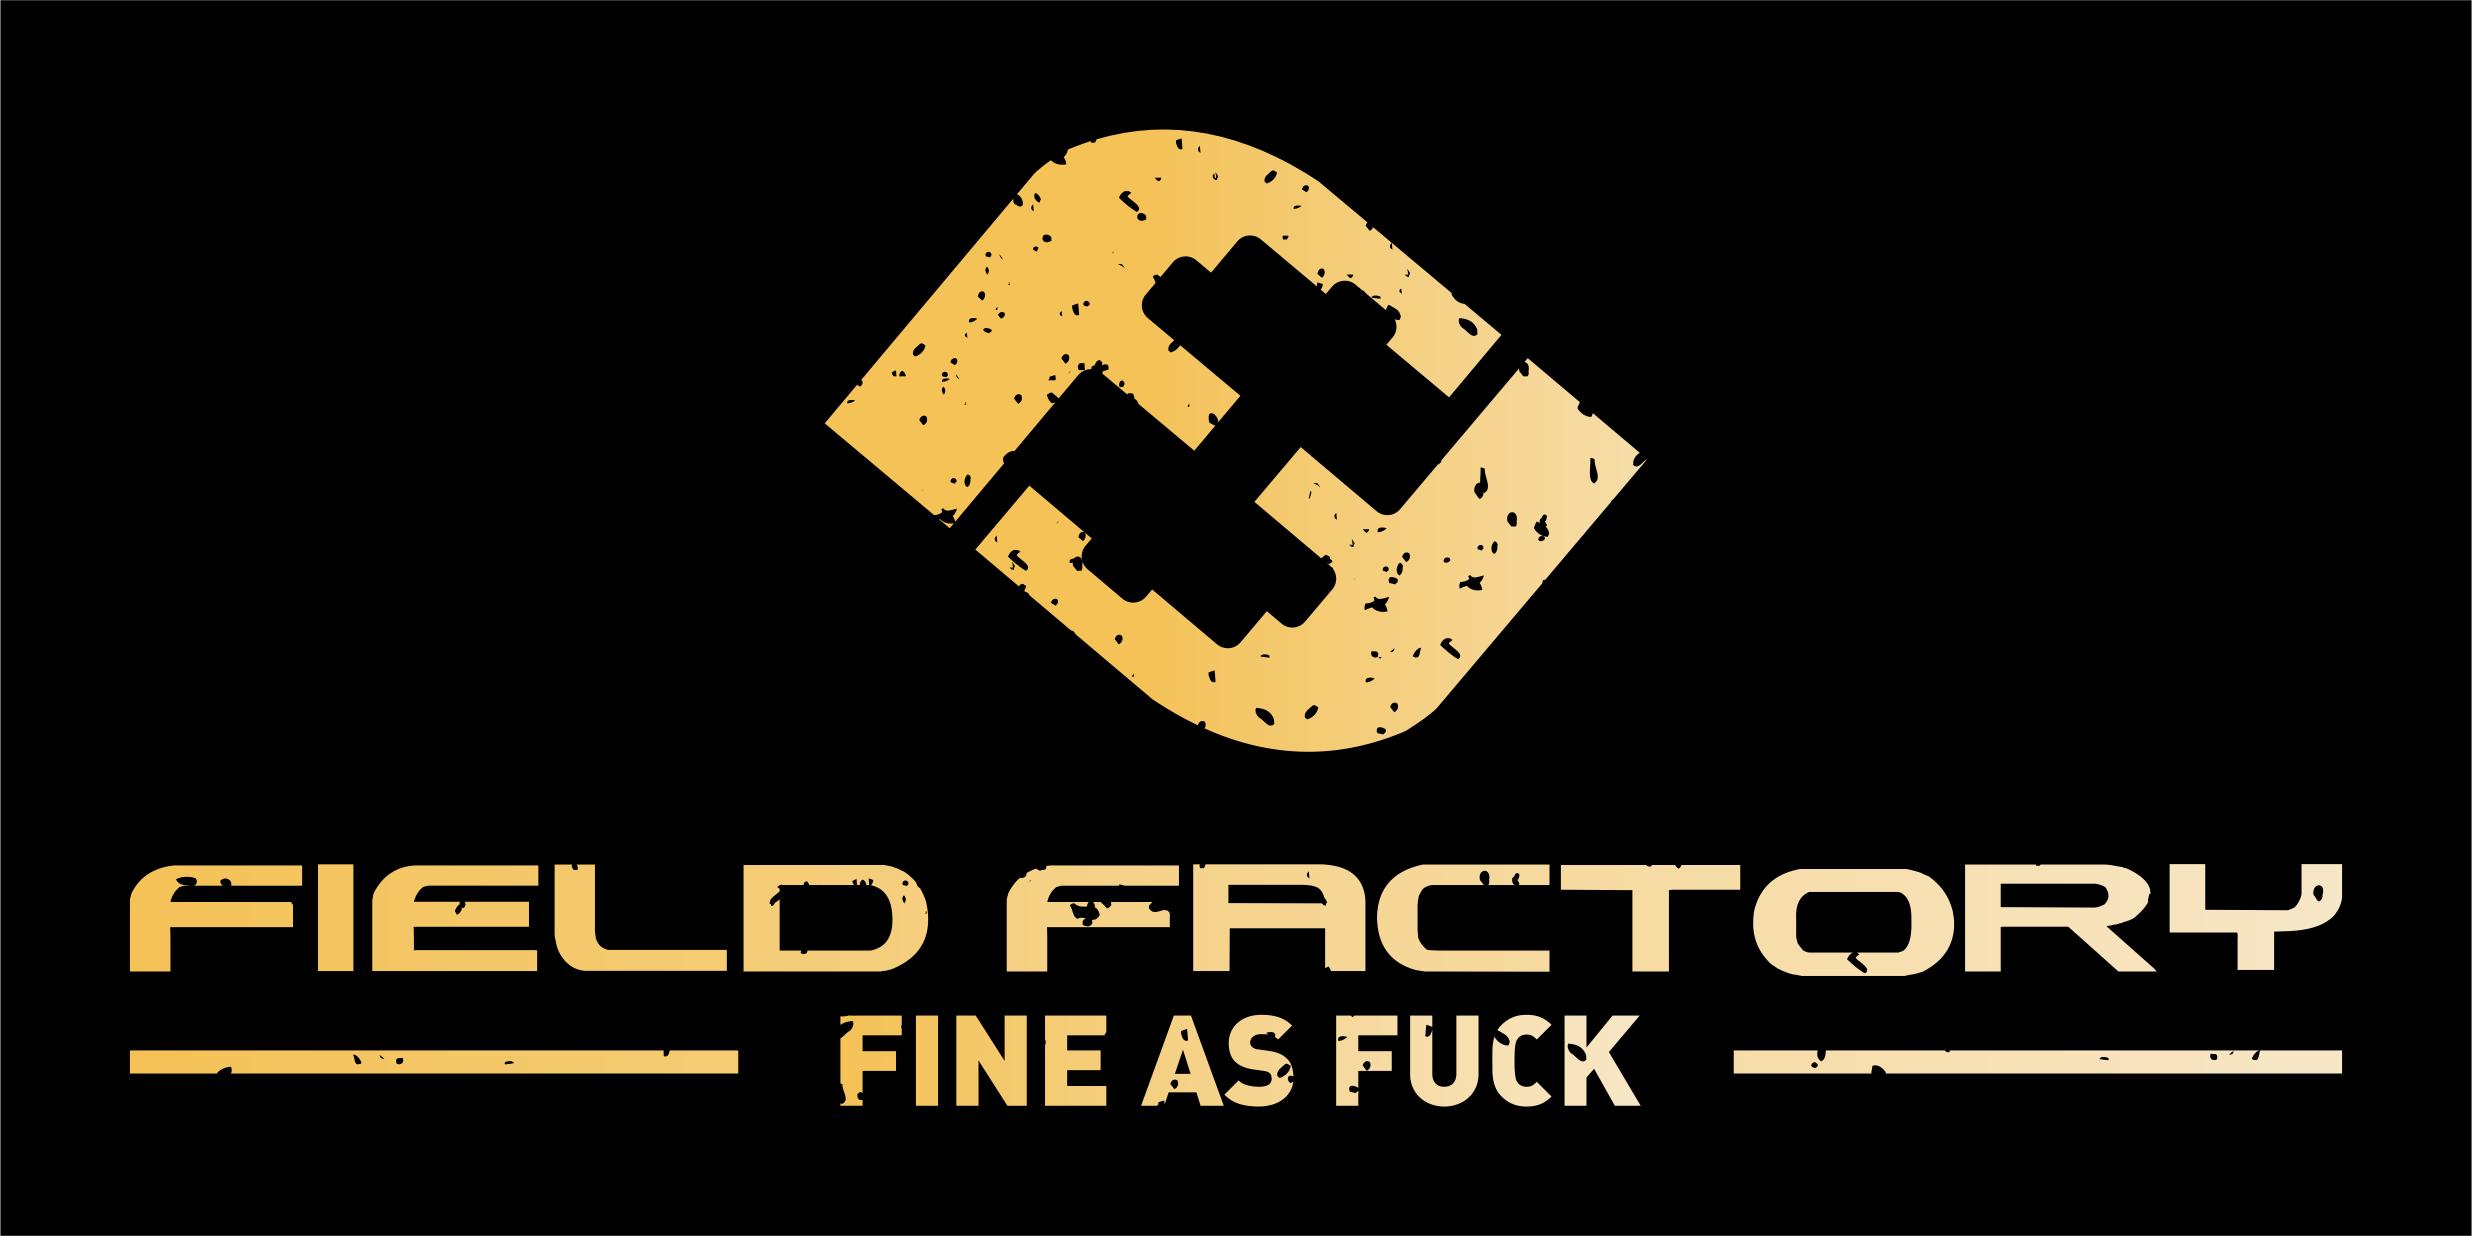 Neuer Online-Fitnessshop braucht ein aussagekräftiges Logo.